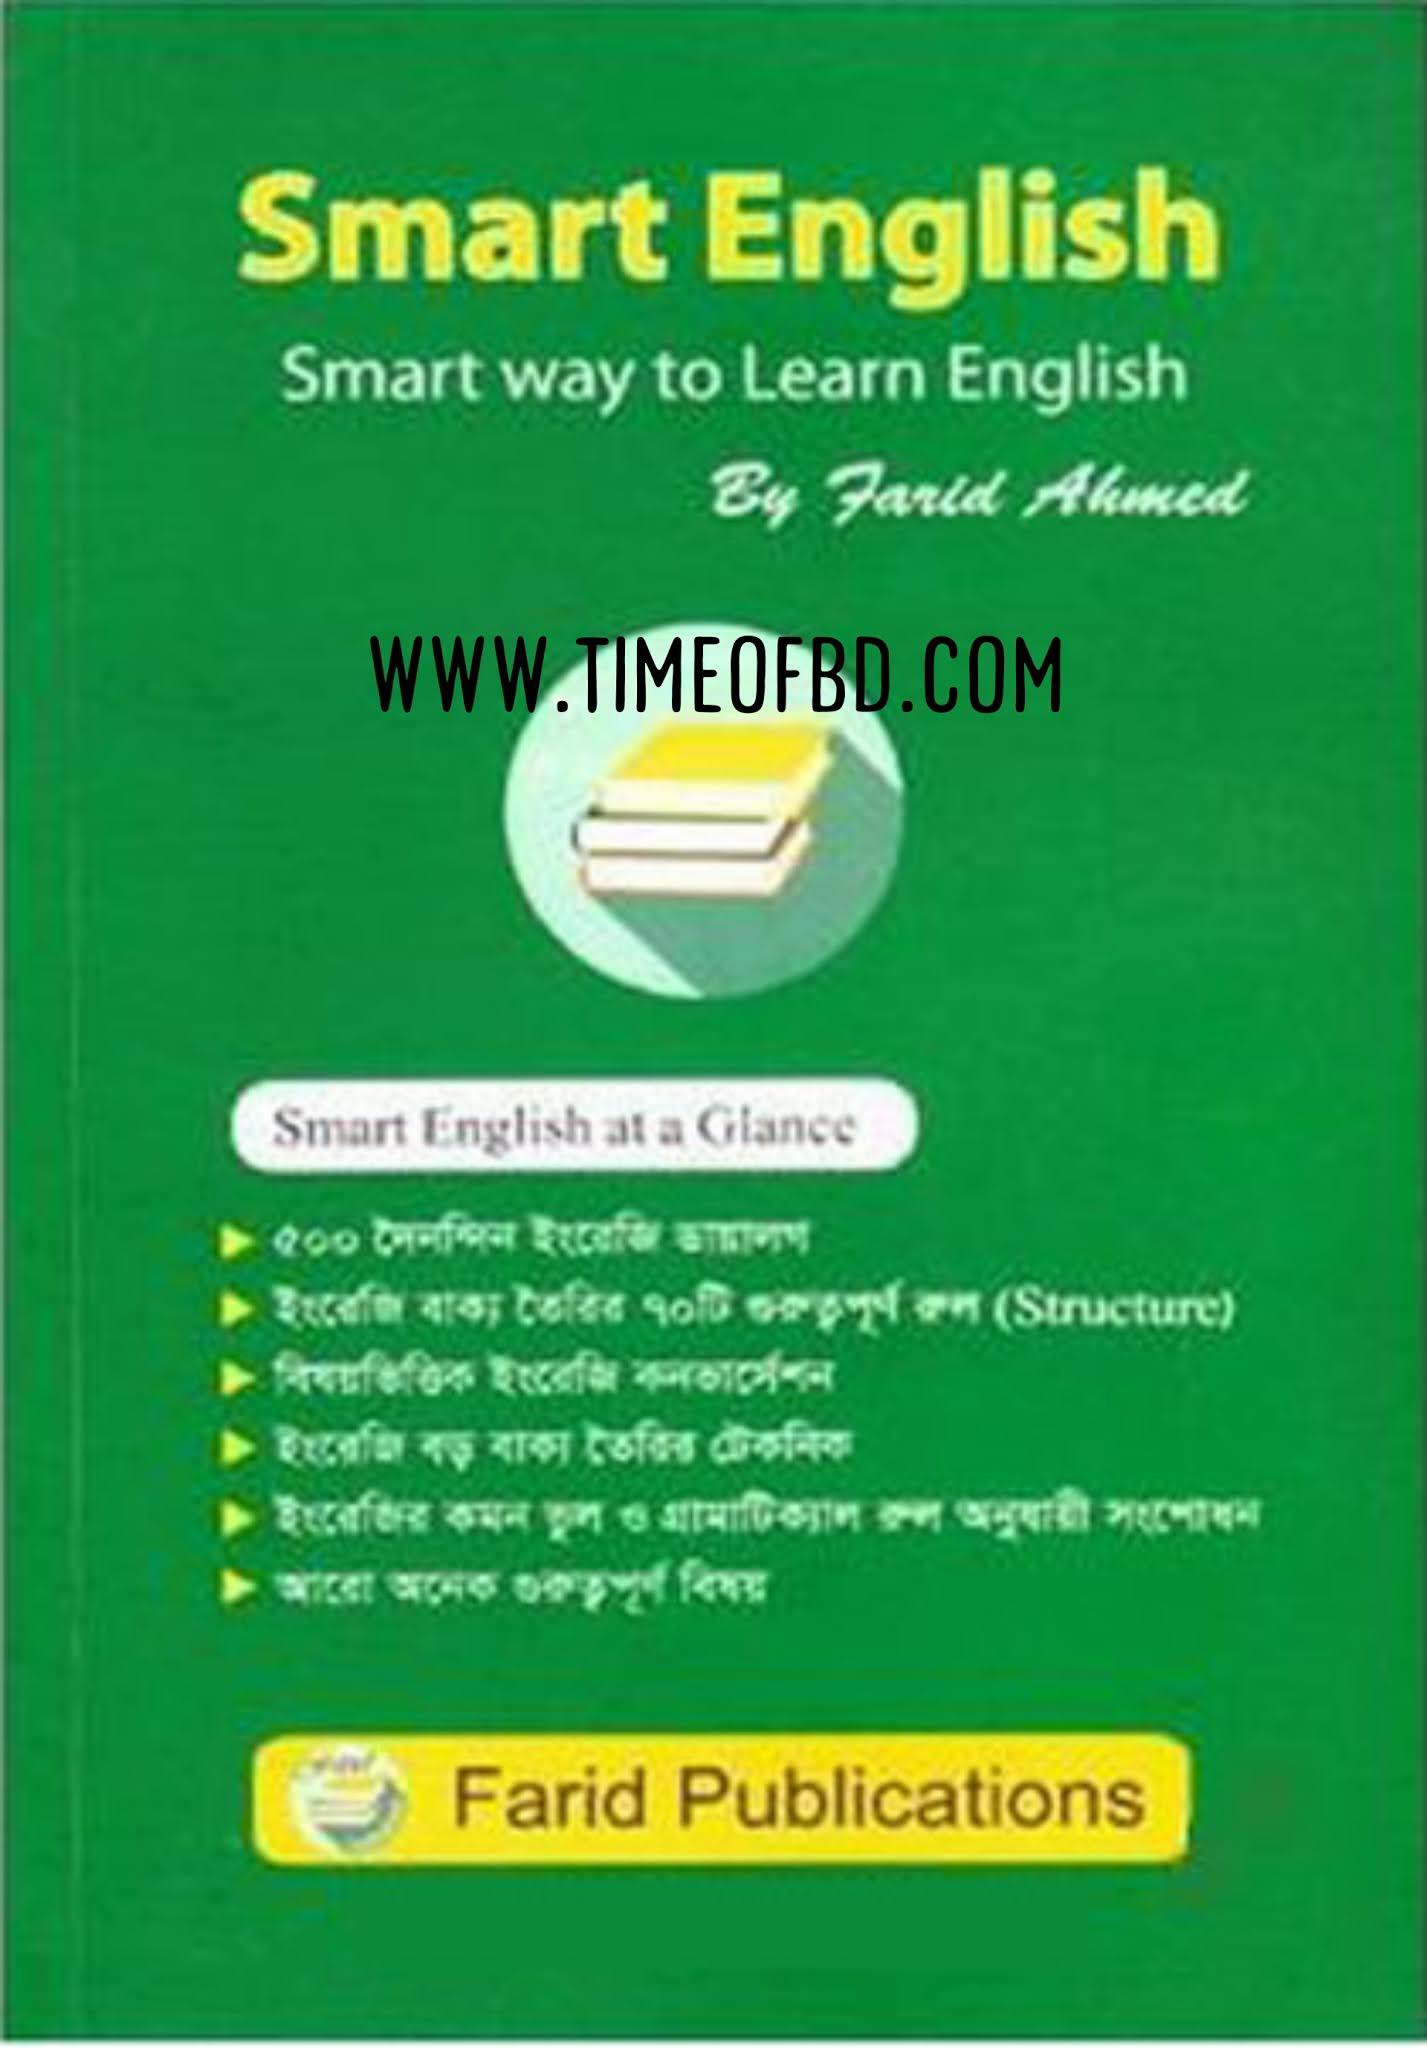 smart english book online order link, smart english book online,smart english book pdf,smart english book pdf download